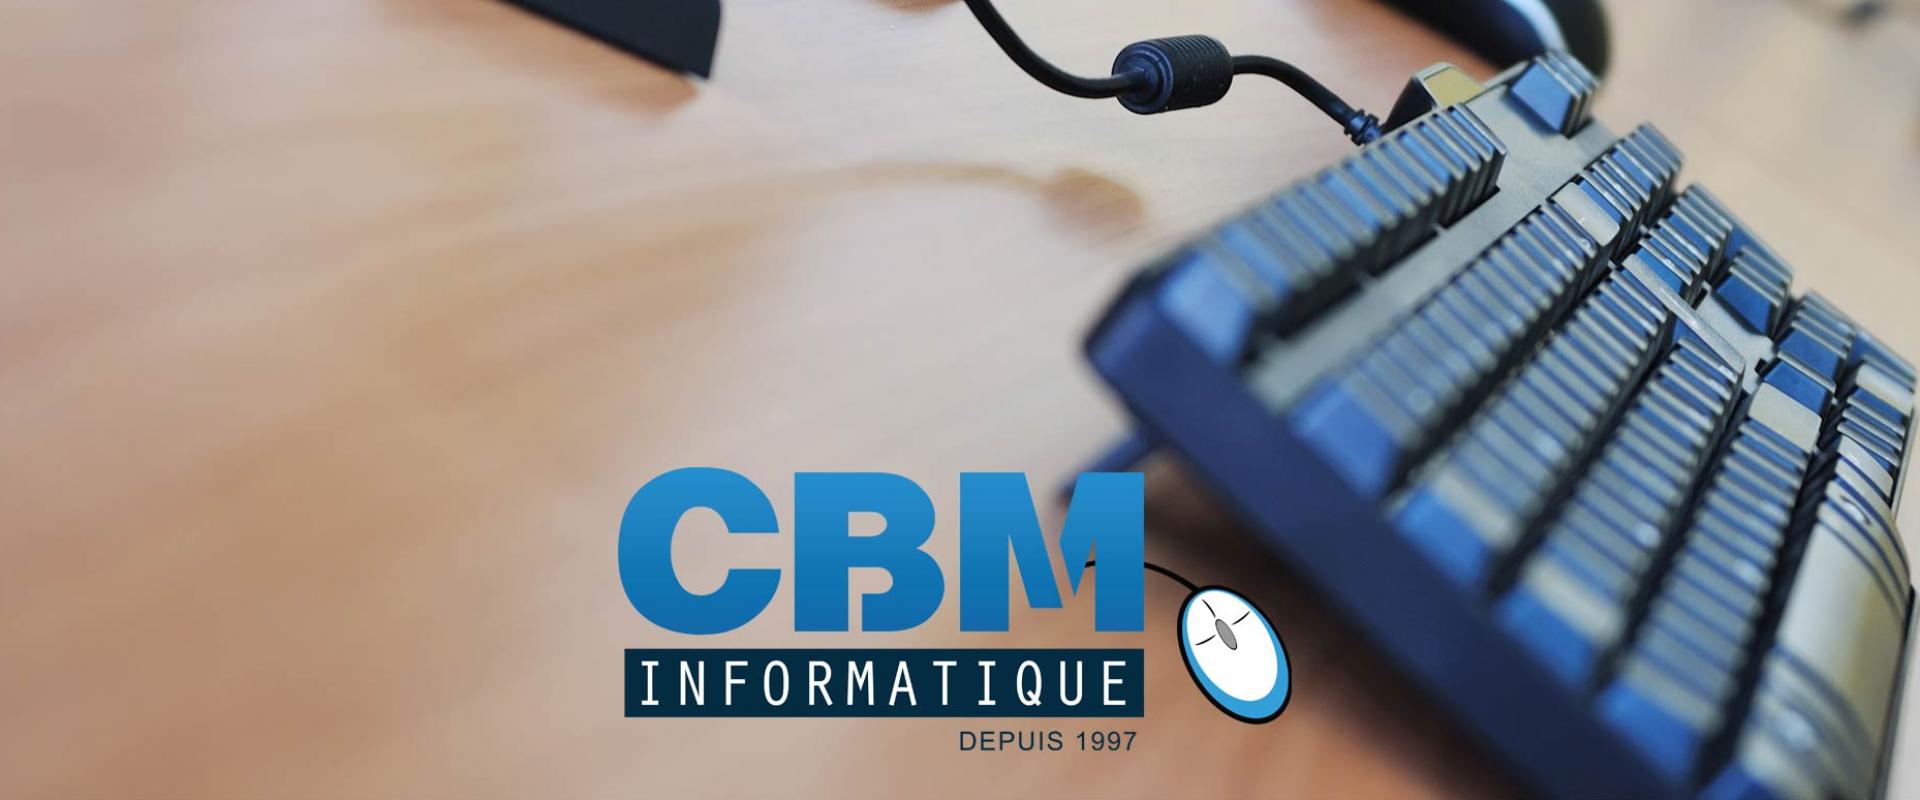 cbm-informatique-en-magasin.png